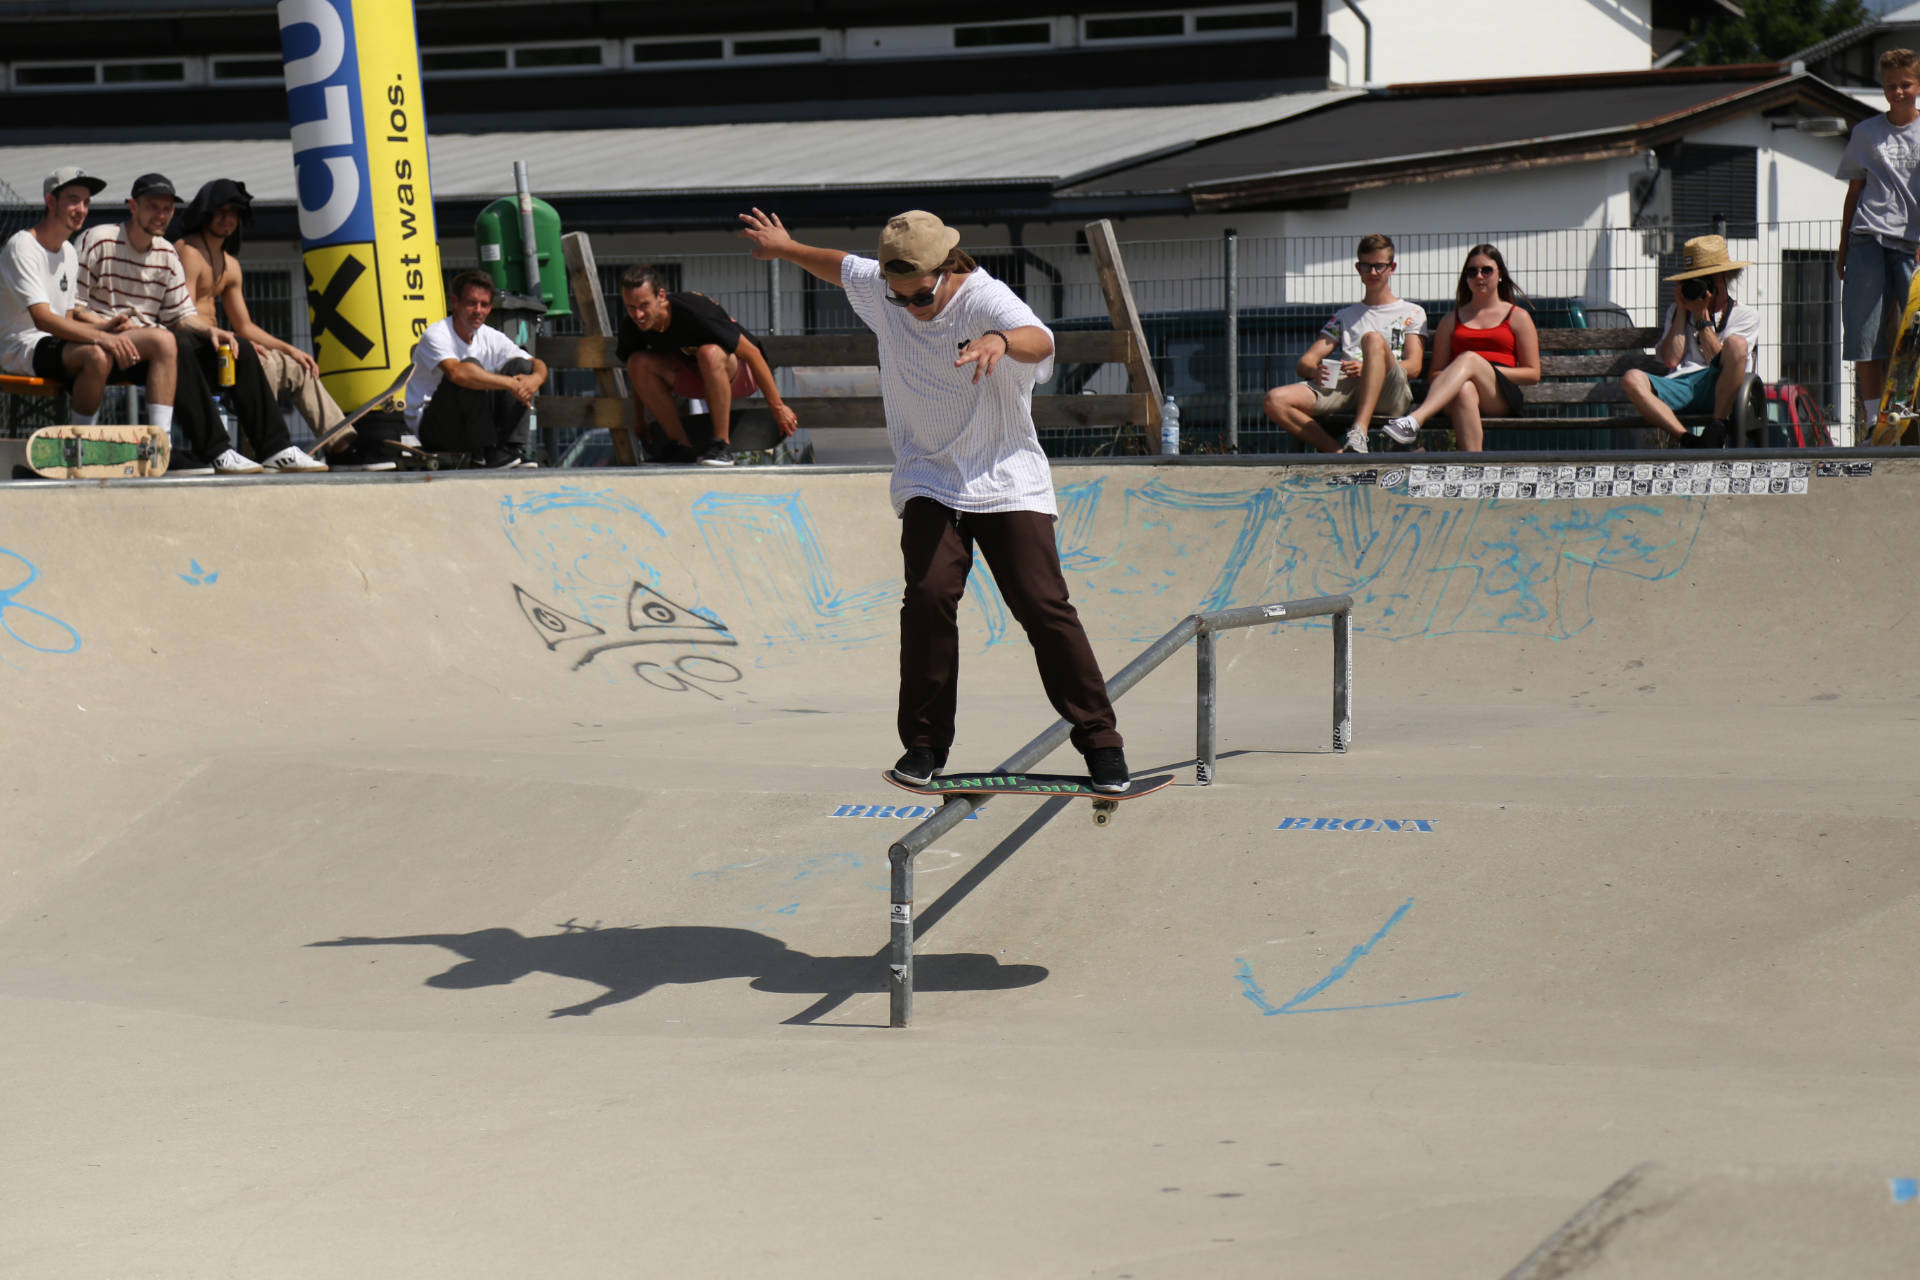 skateboardheadz st johann in tirol kgt 2019 finale 00107